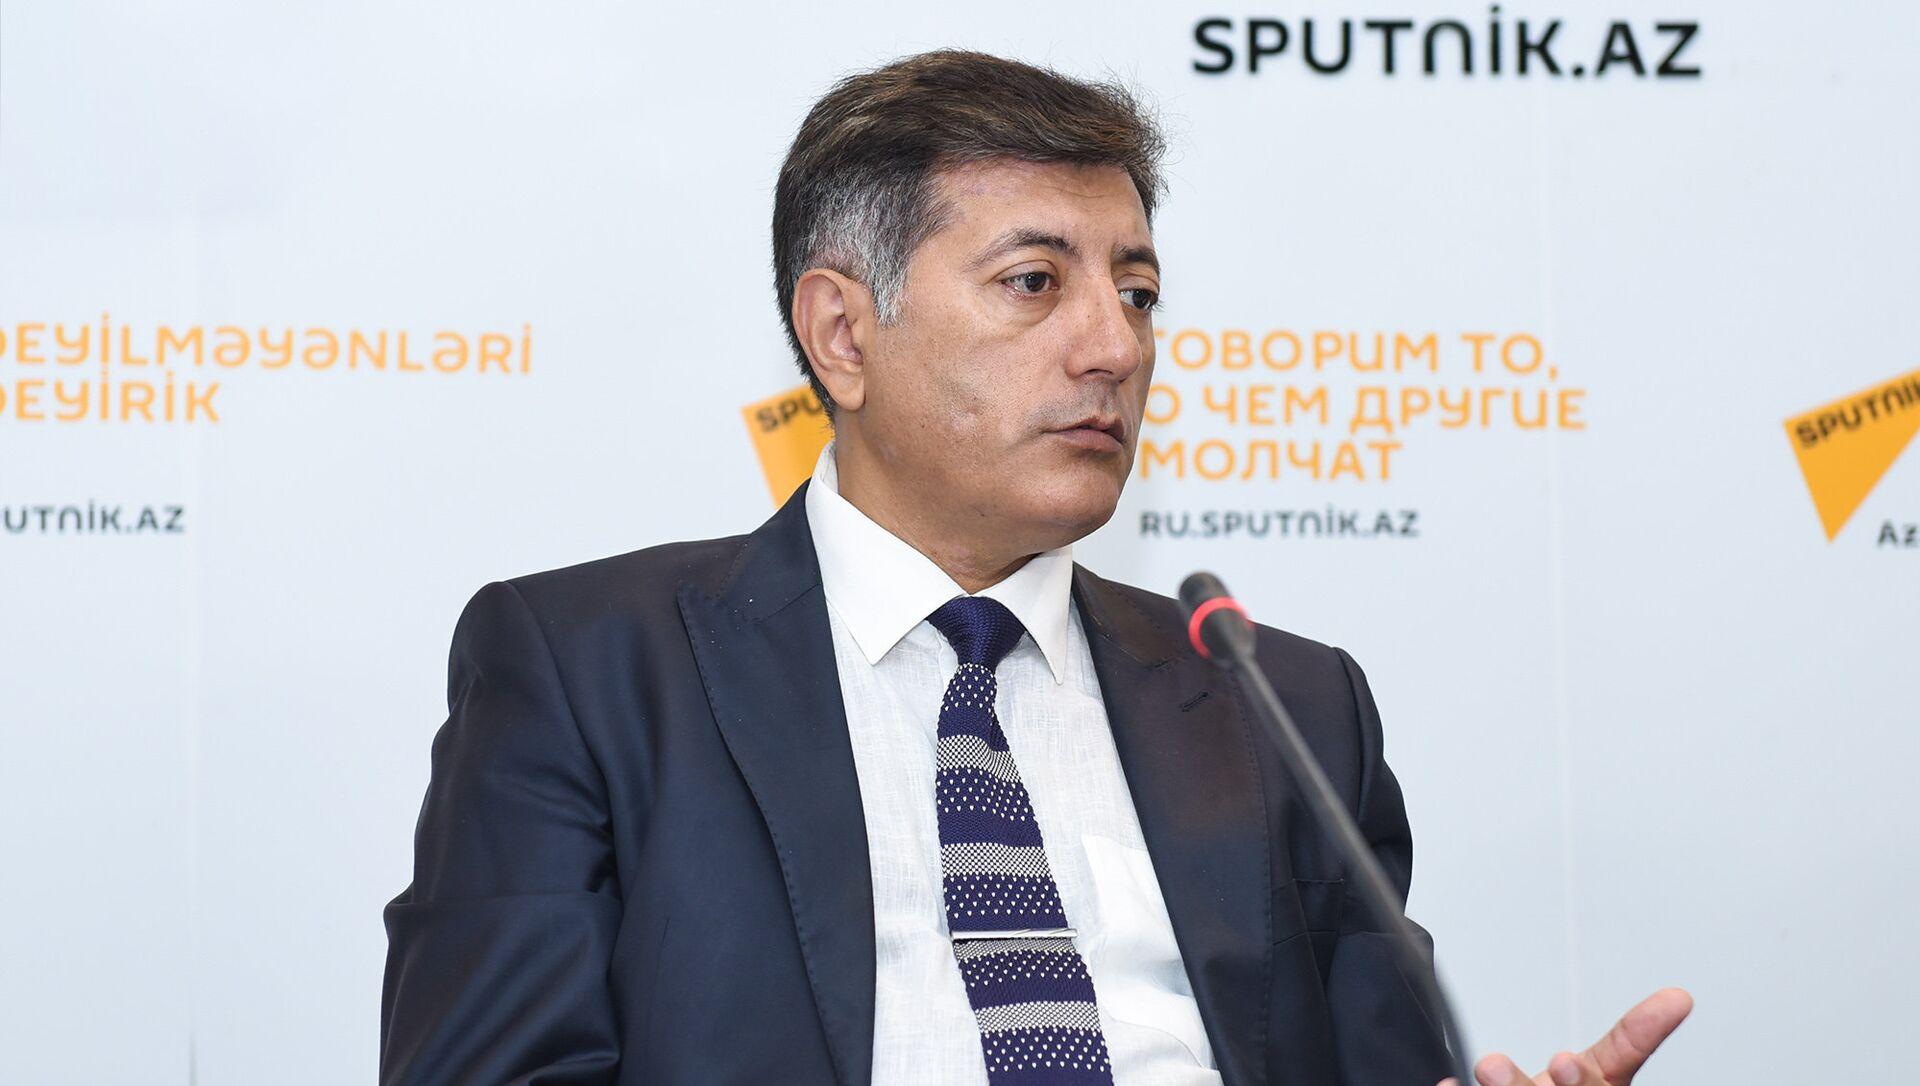 Neft Araşdırmaları Mərkəzinin (NAM) rəhbəri İlham Şaban - Sputnik Azərbaycan, 1920, 12.09.2021